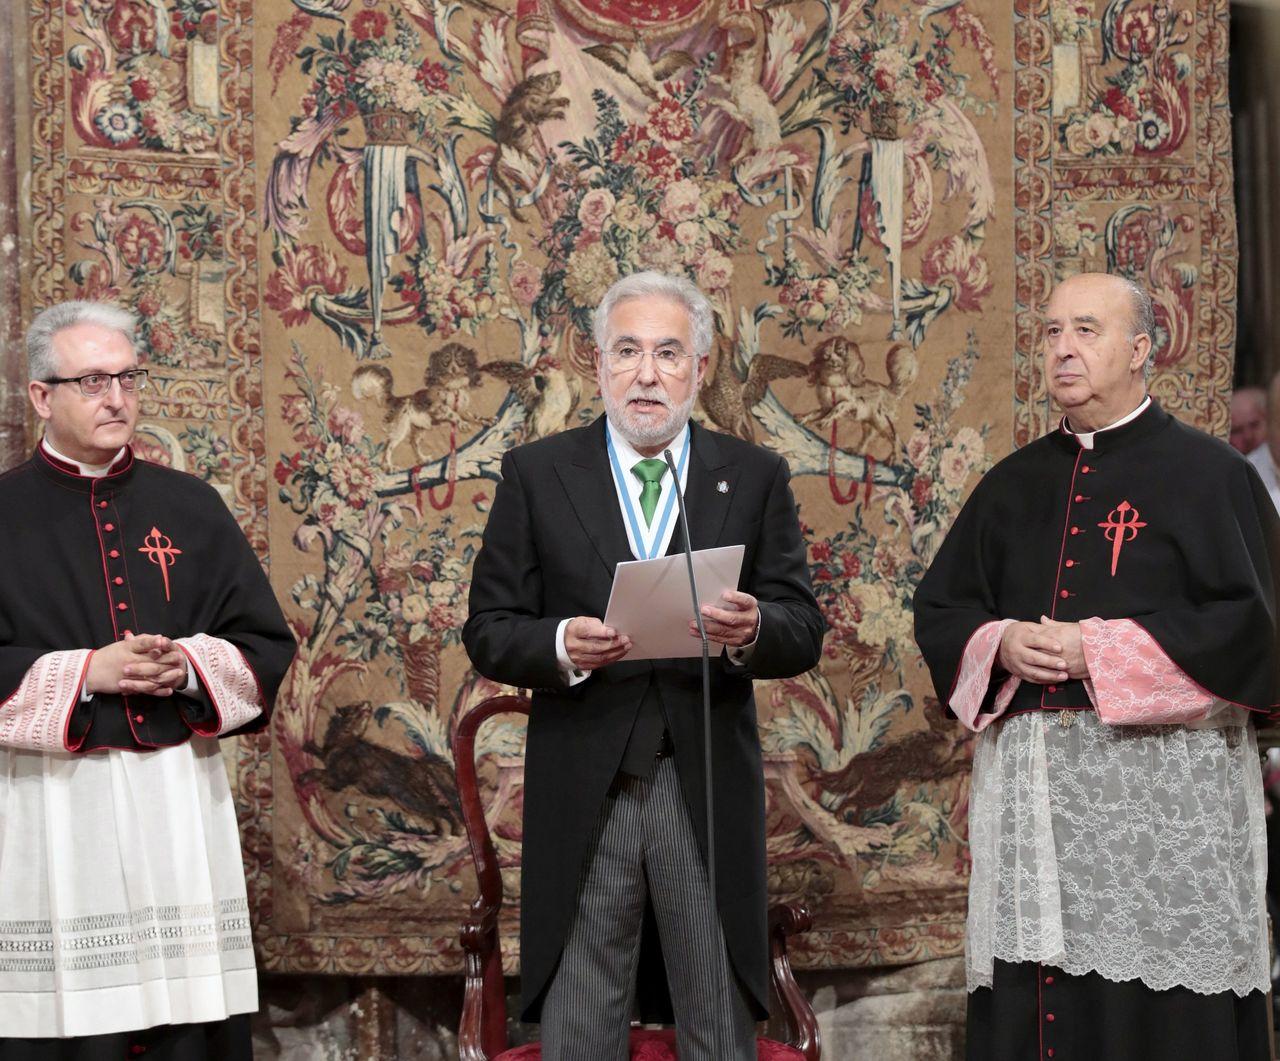 El delegado regio, el presidente del Parlamento de Galicia, Miguel Santalices, lee la invocaci�n durante la Ofrenda Nacional al Ap�stol - FOTO: Lavandeira Jr.